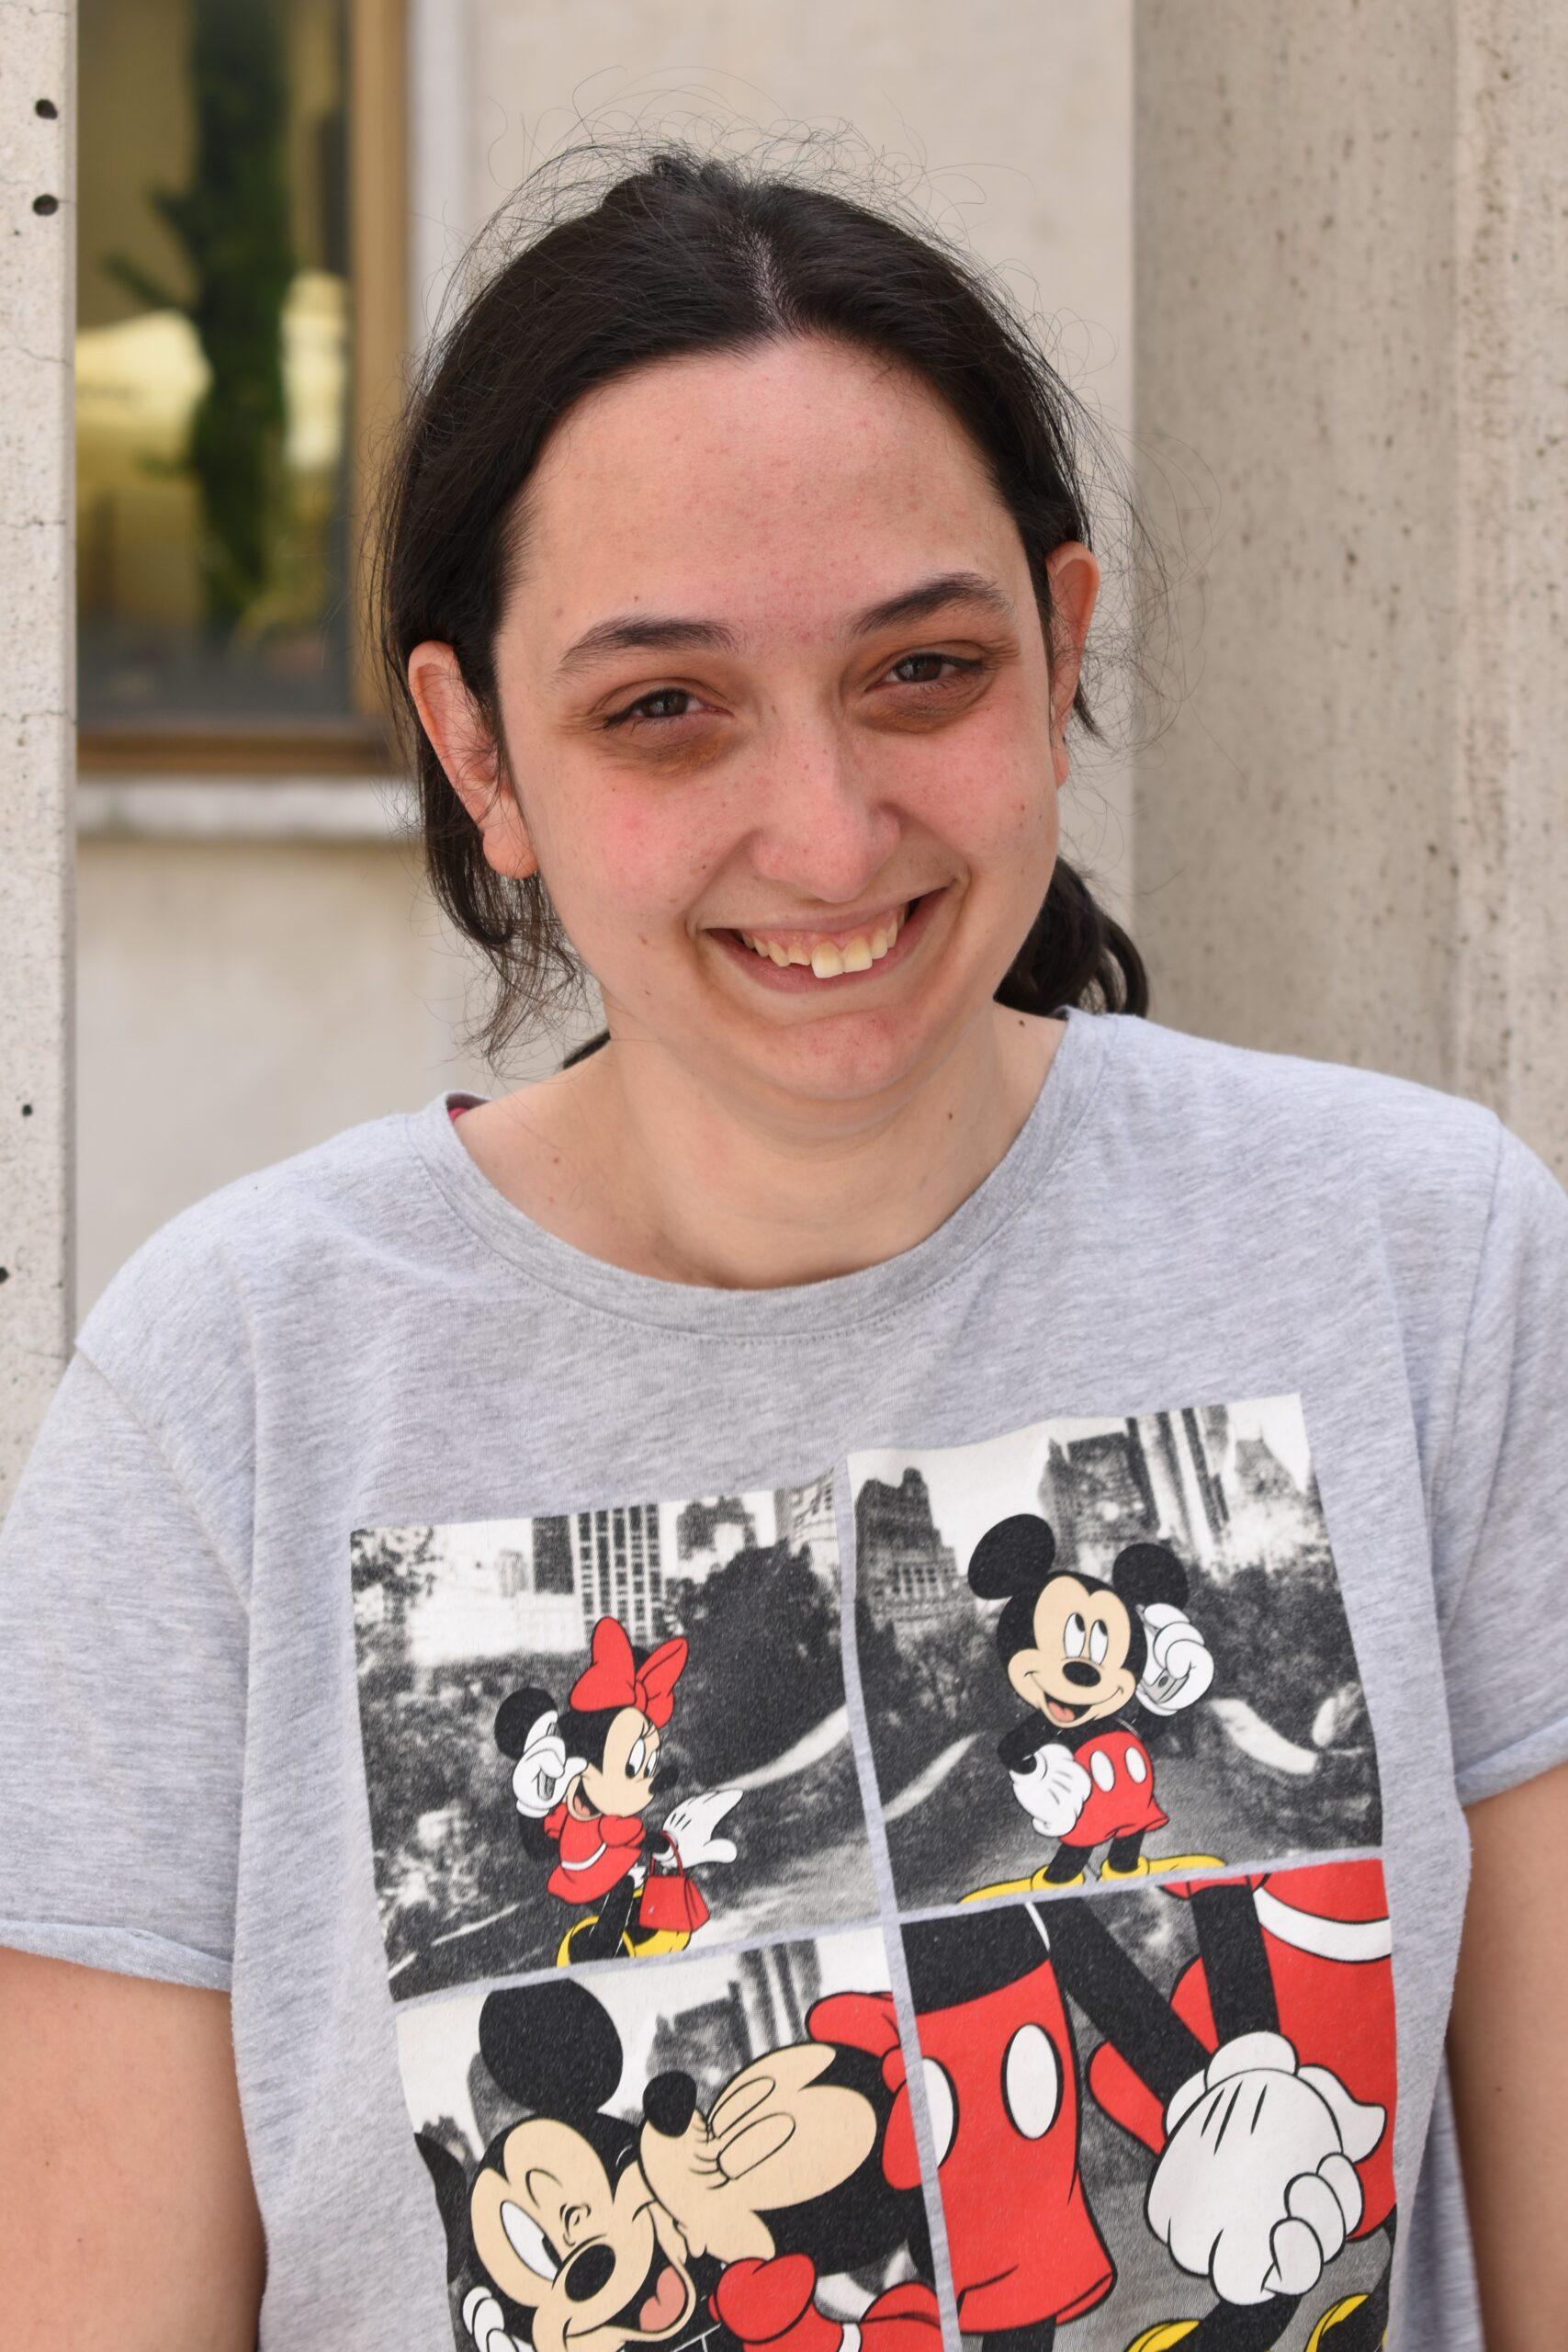 ELENA (25) Voli slušati muziku i ima braću blizance.